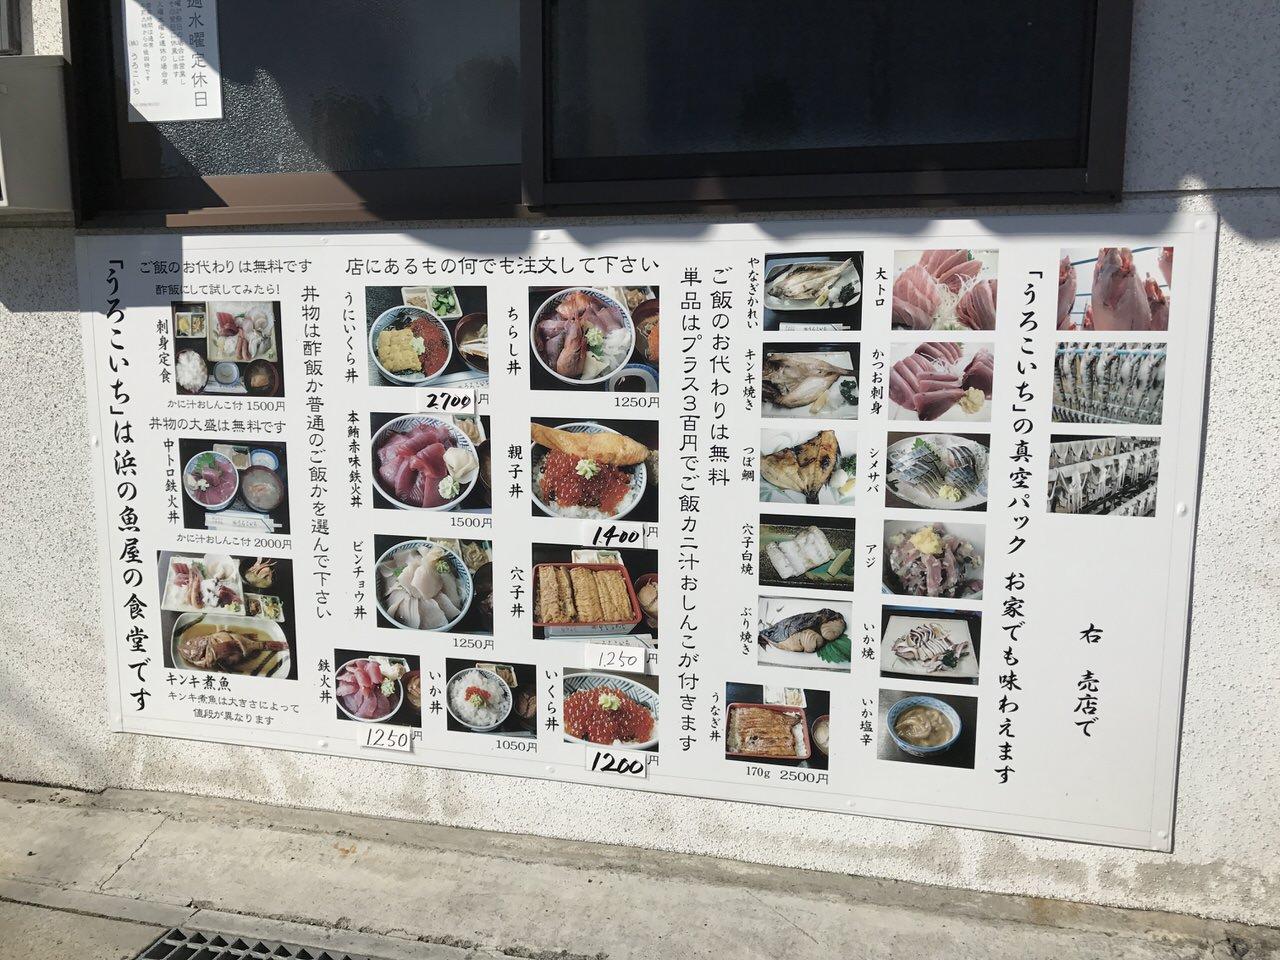 Iwaki urokoichi 2185